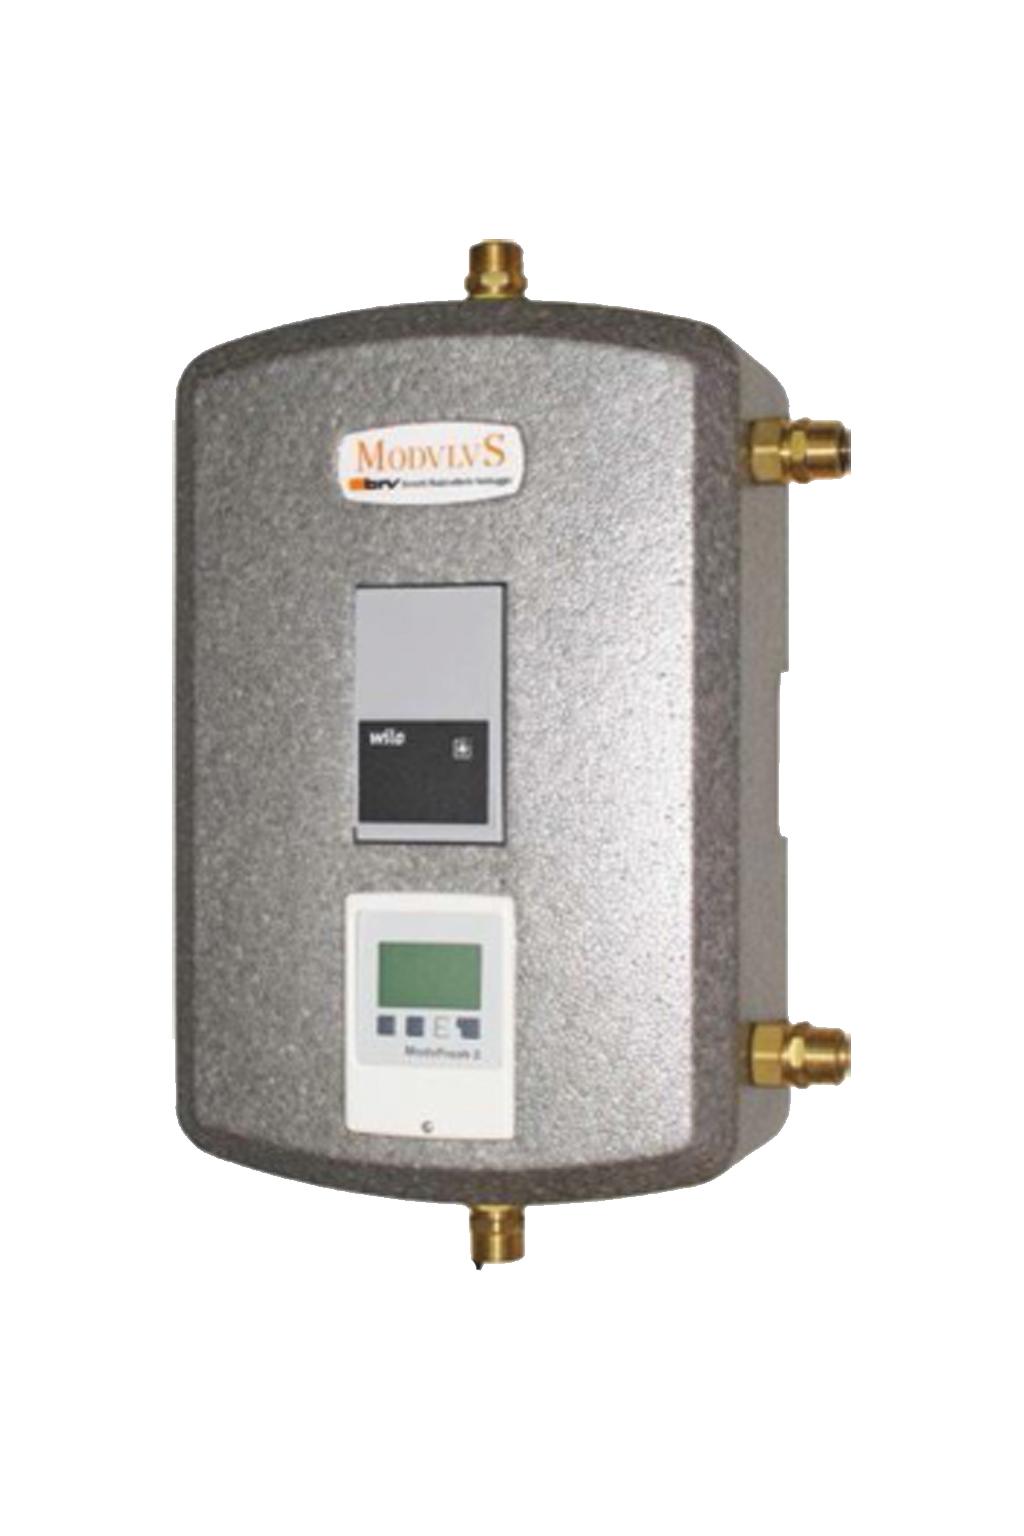 Warm tap water pompgroep Medvfresh2- 20 liter